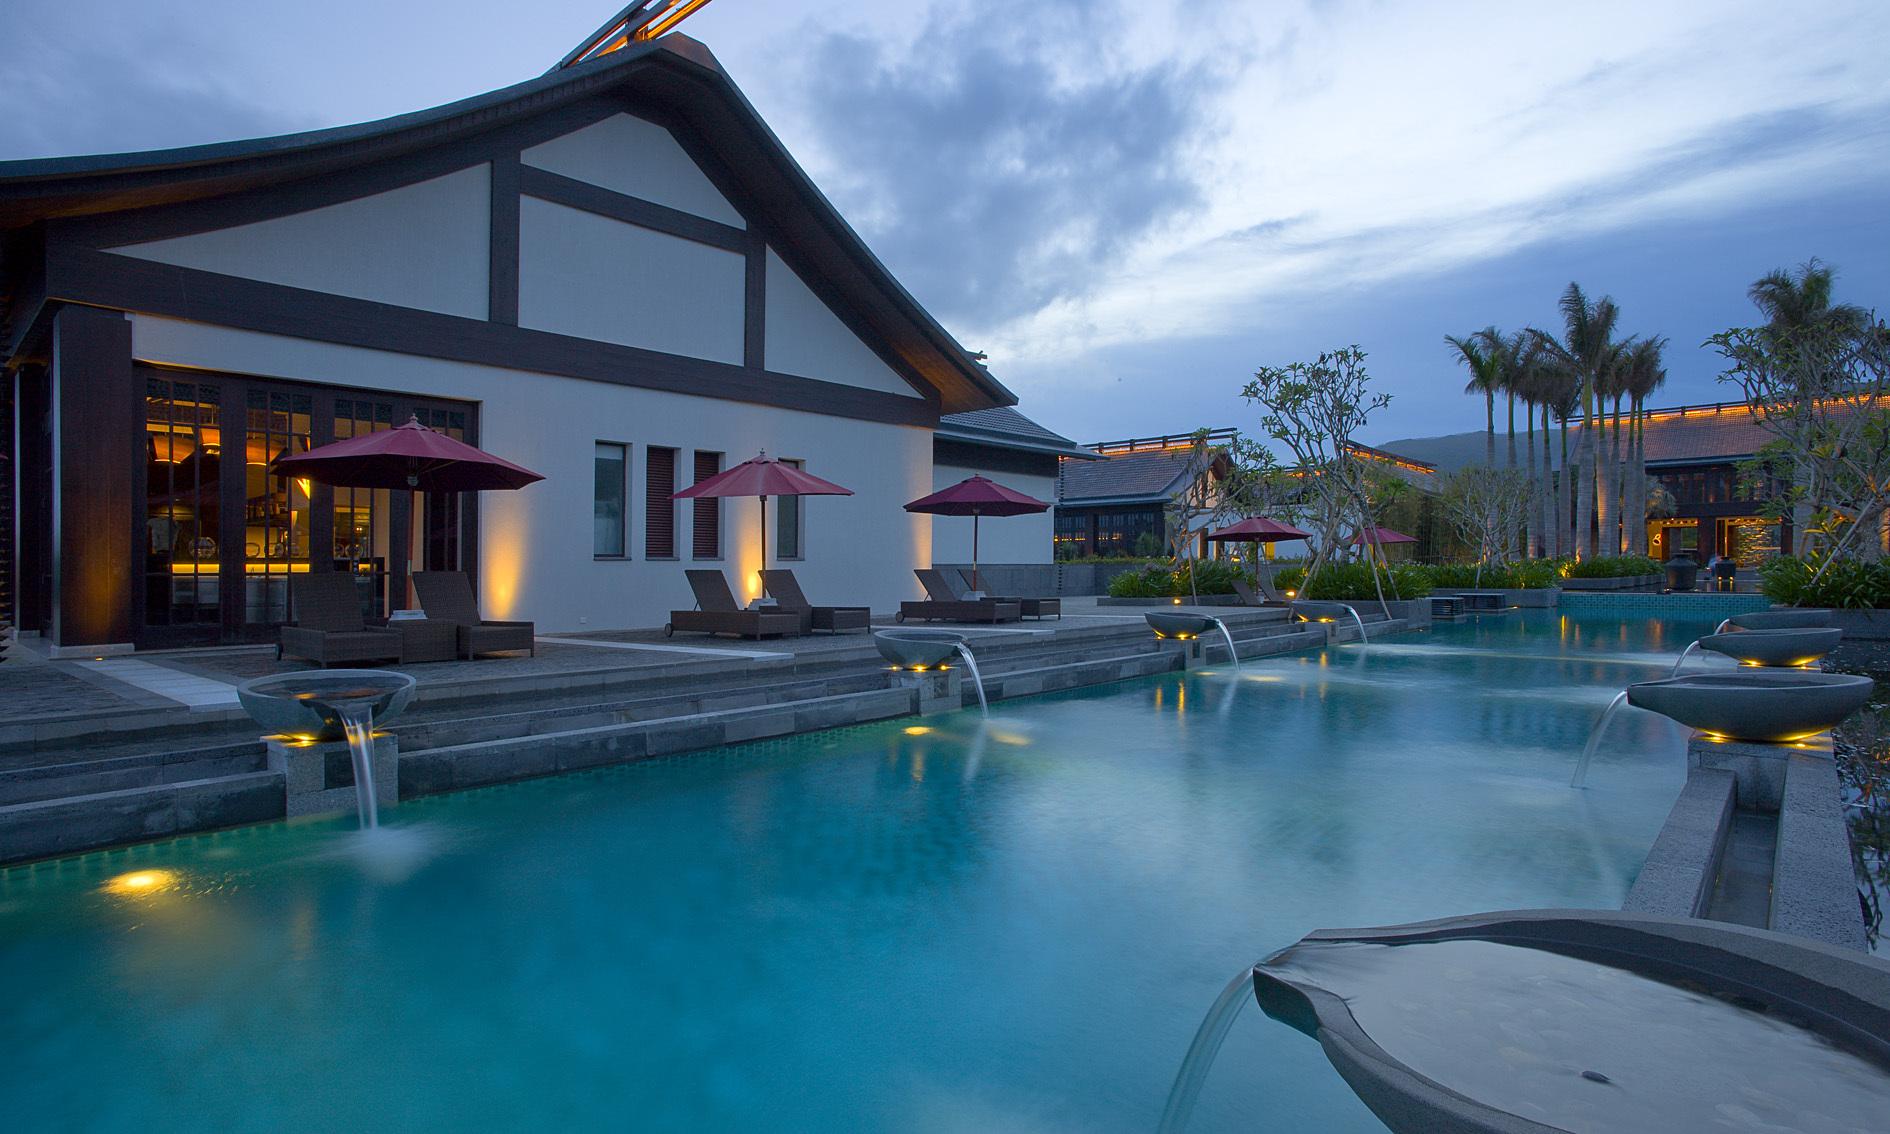 度假酒店设计|温泉酒店设计理念